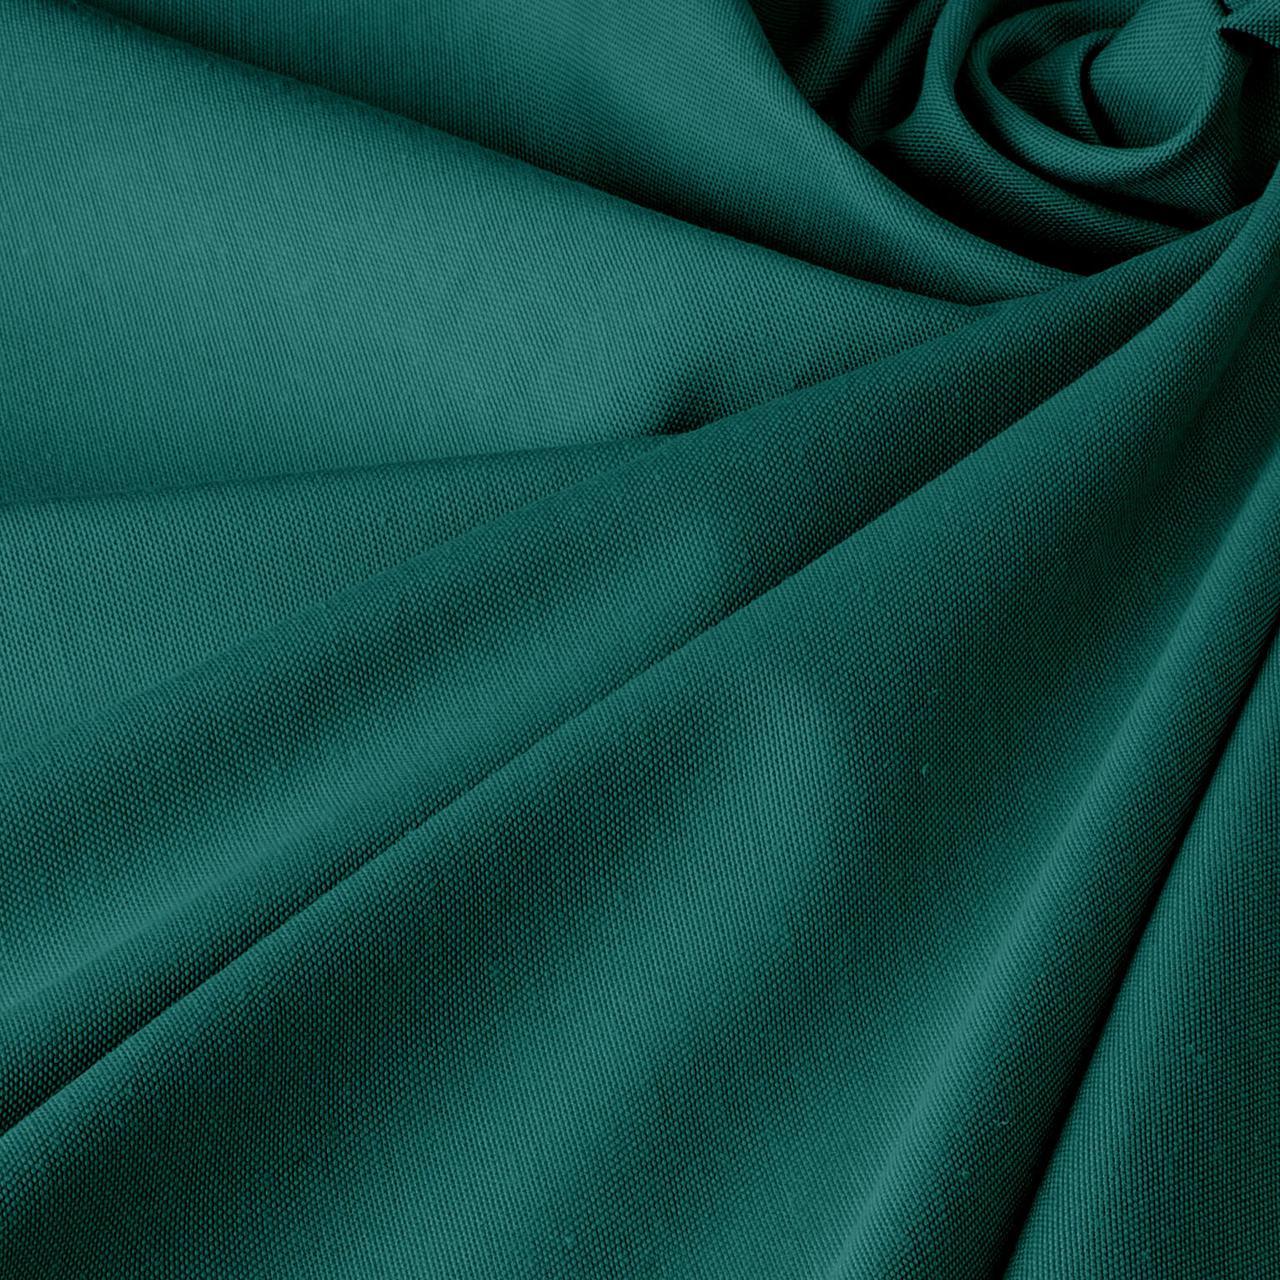 Ткань для штор и скатертей Teflon DRM v 4580